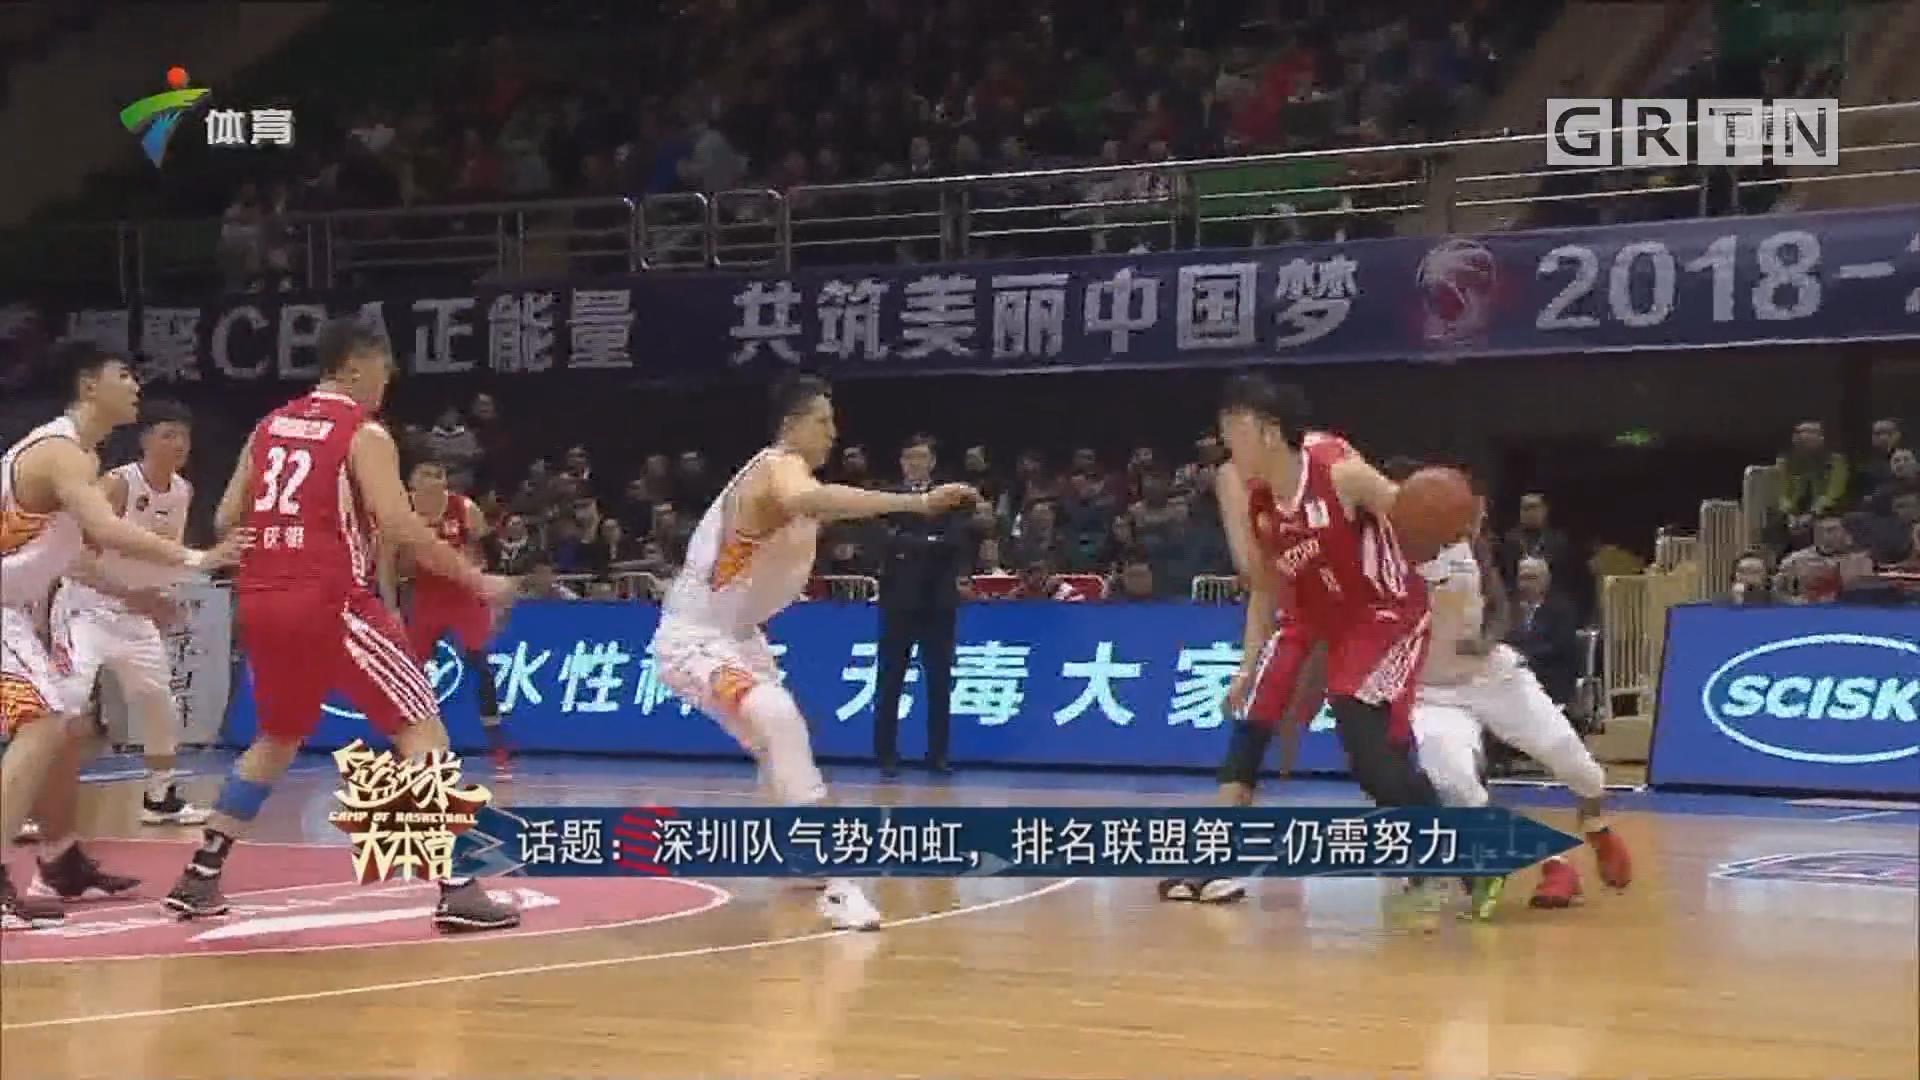 话题:深圳队气势如虹,排名联盟第三仍需努力